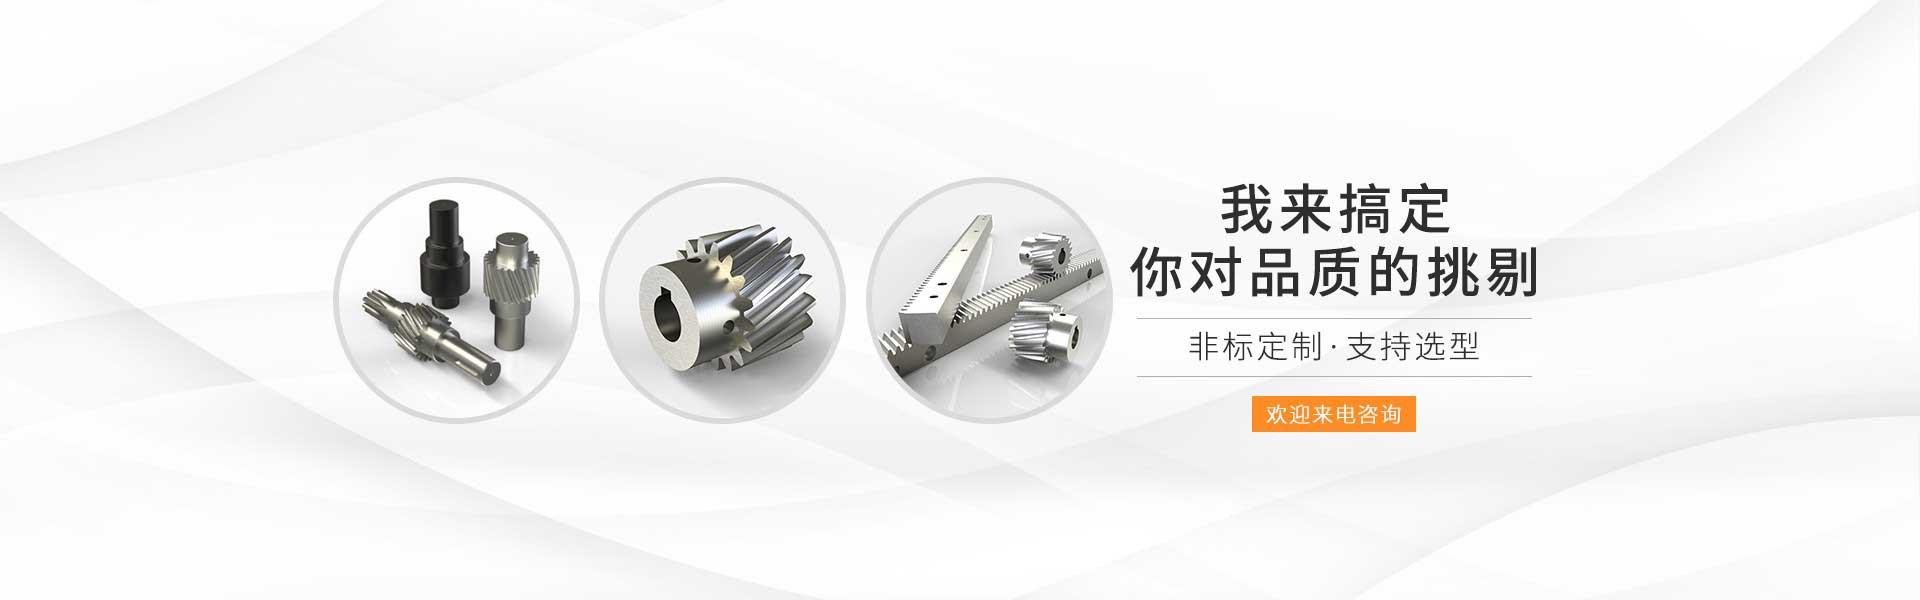 齿条加工厂家非标定制,免费选型